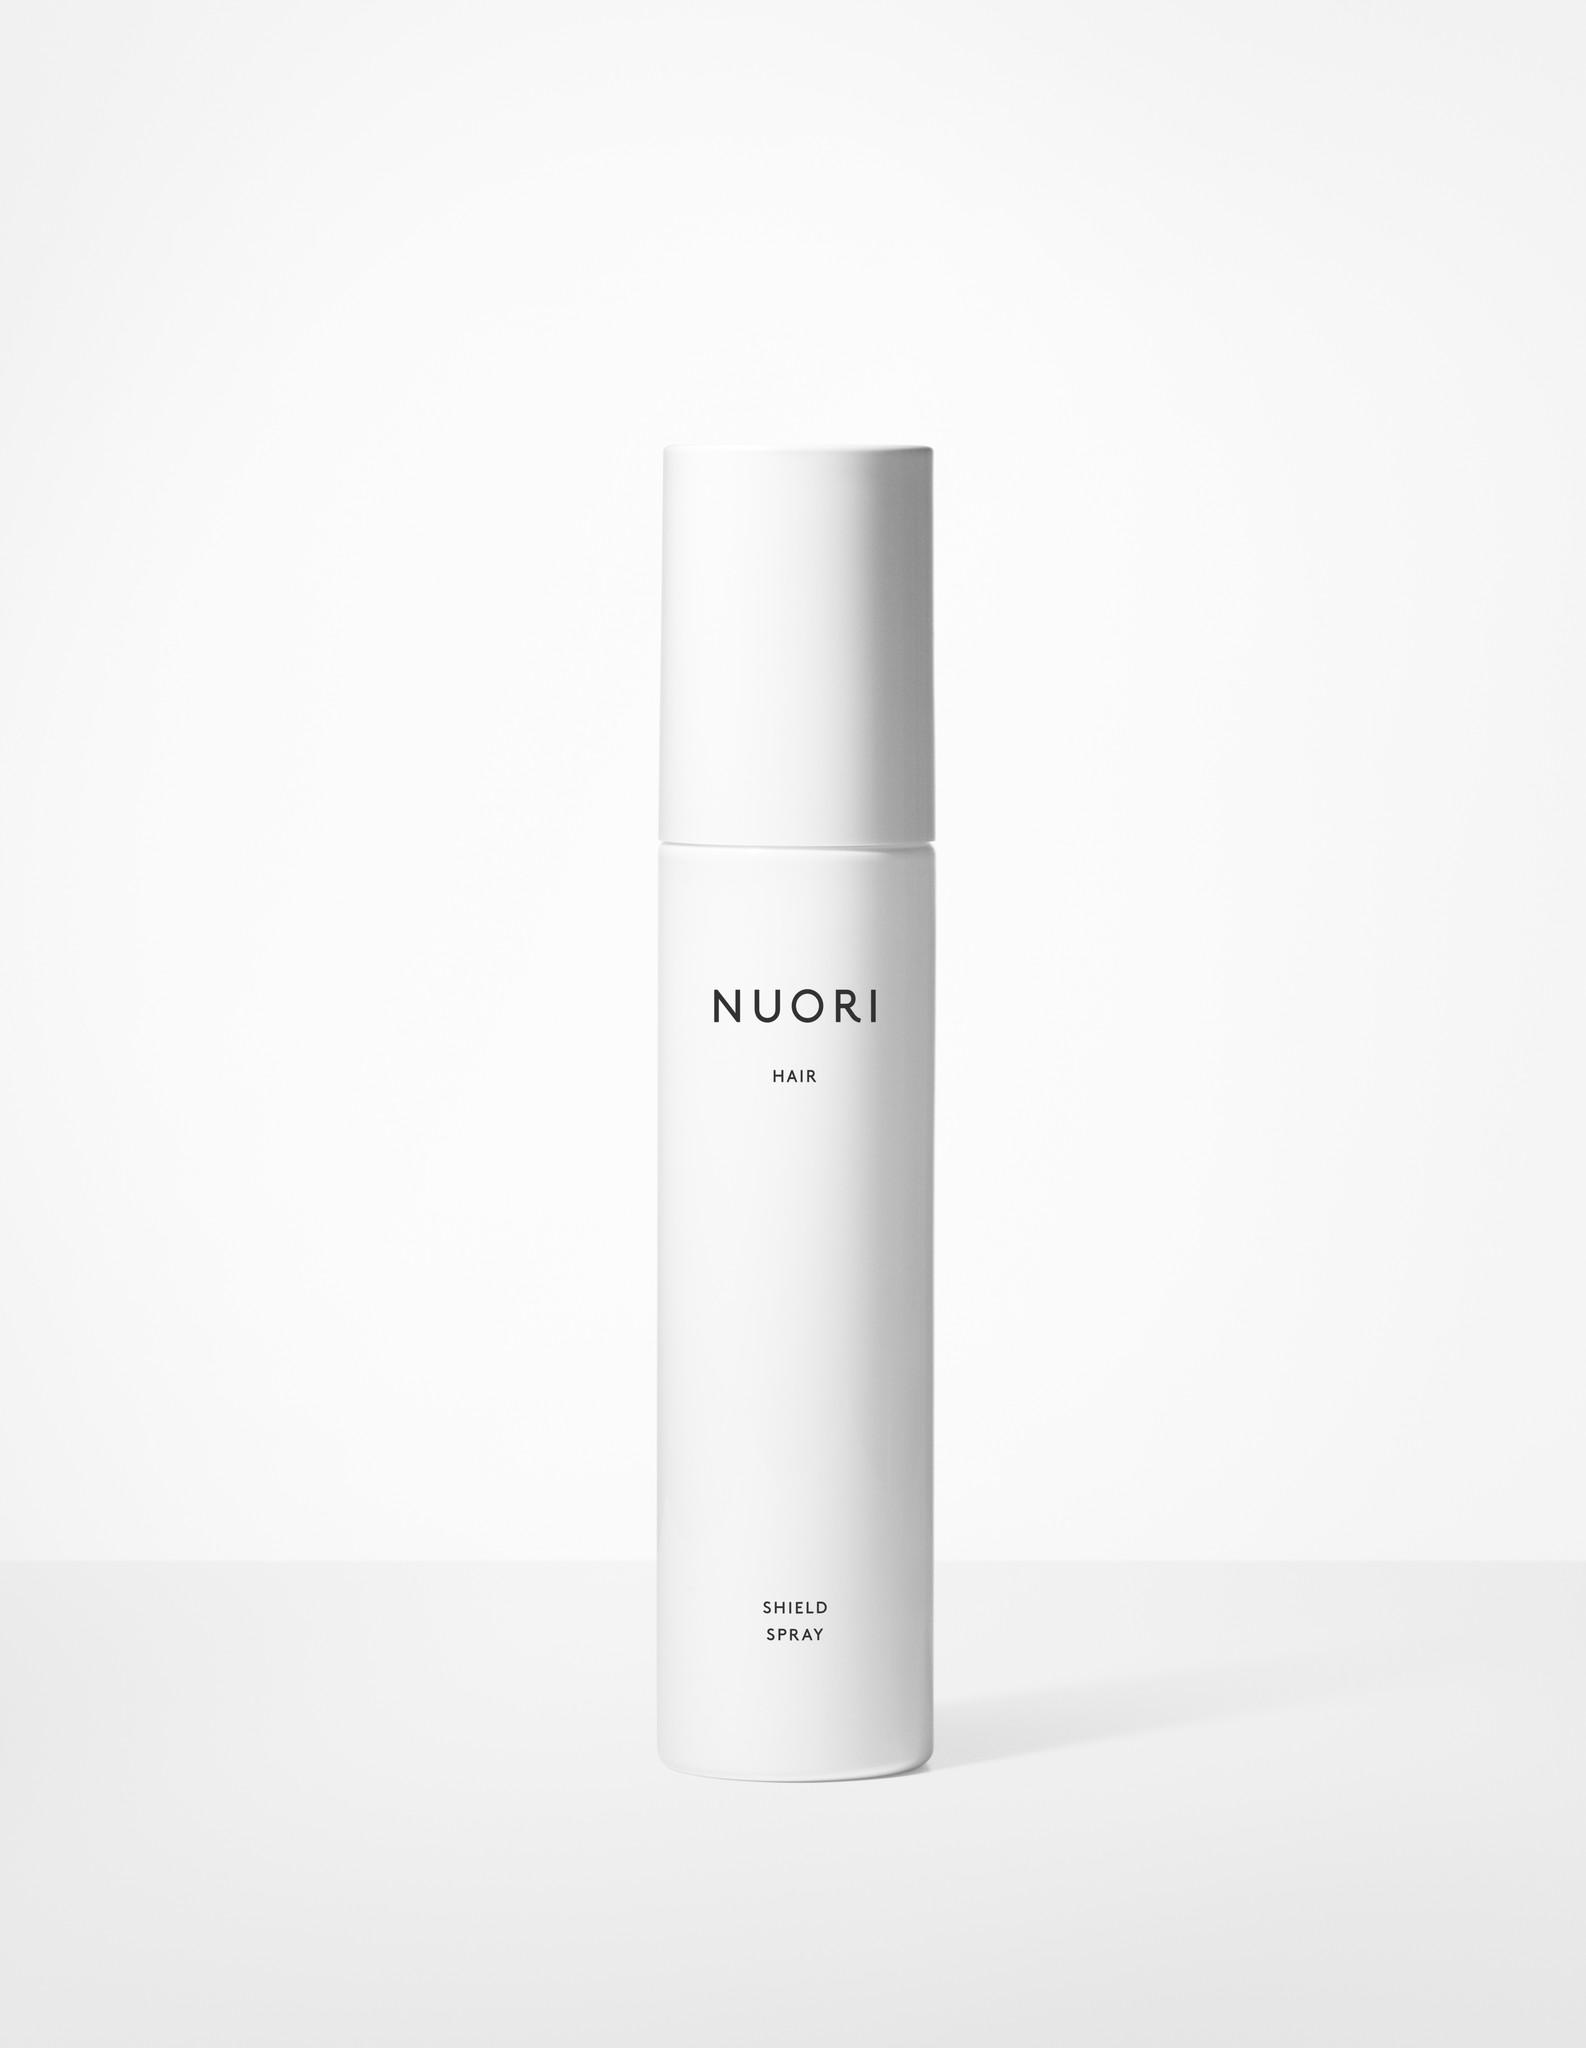 NUORI NUORI Shield Texturizing & Protecting Hair Spray